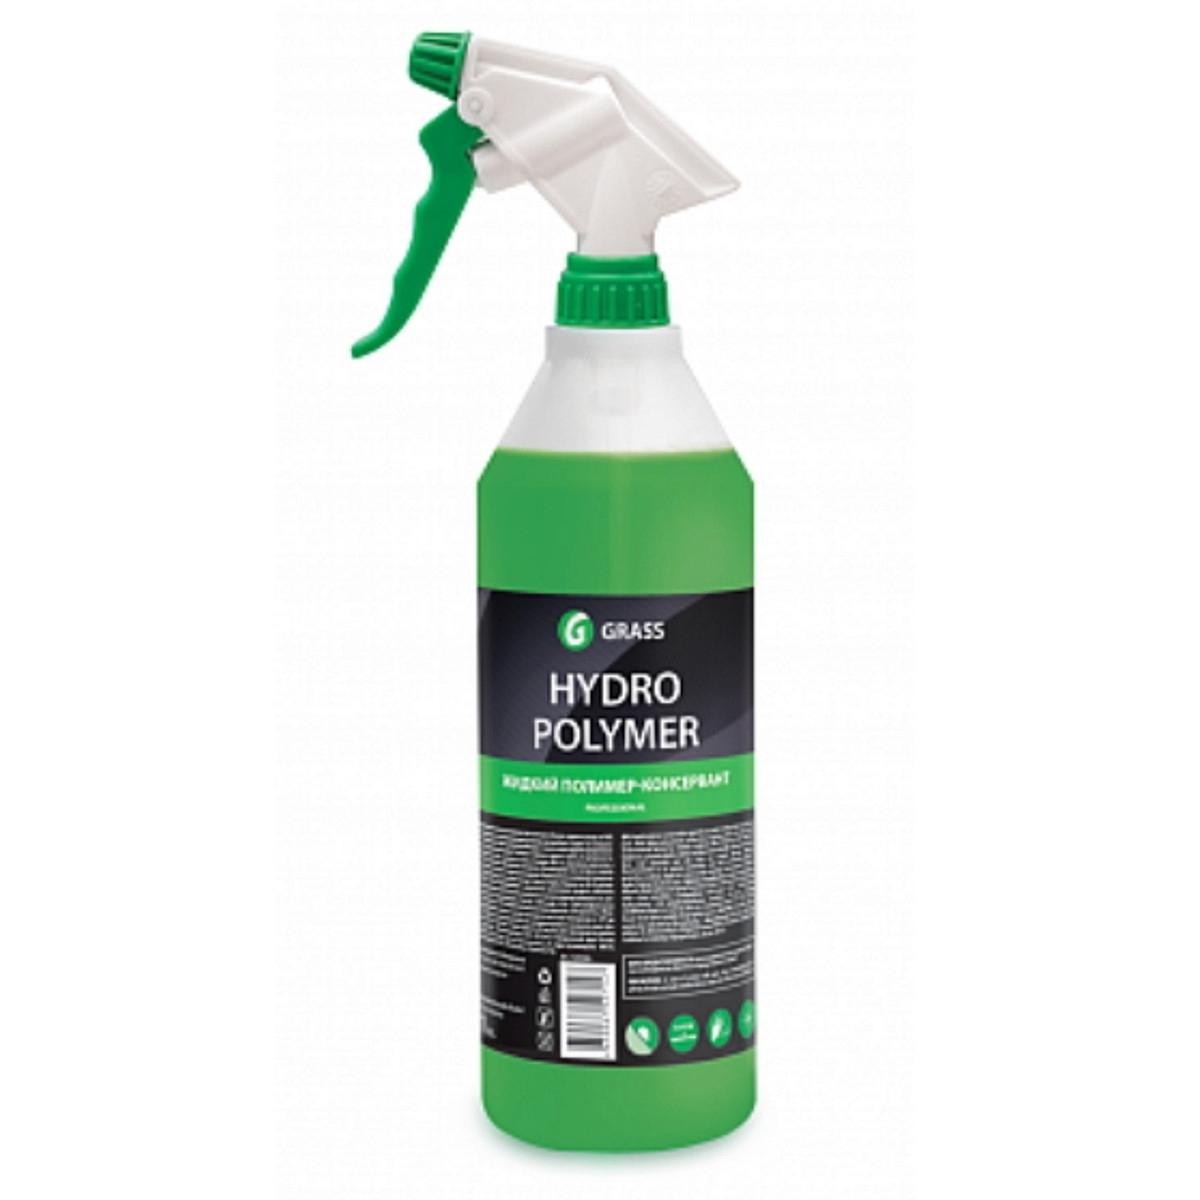 """Жидкий полимер """"Hydro Polymer"""" GRASS"""